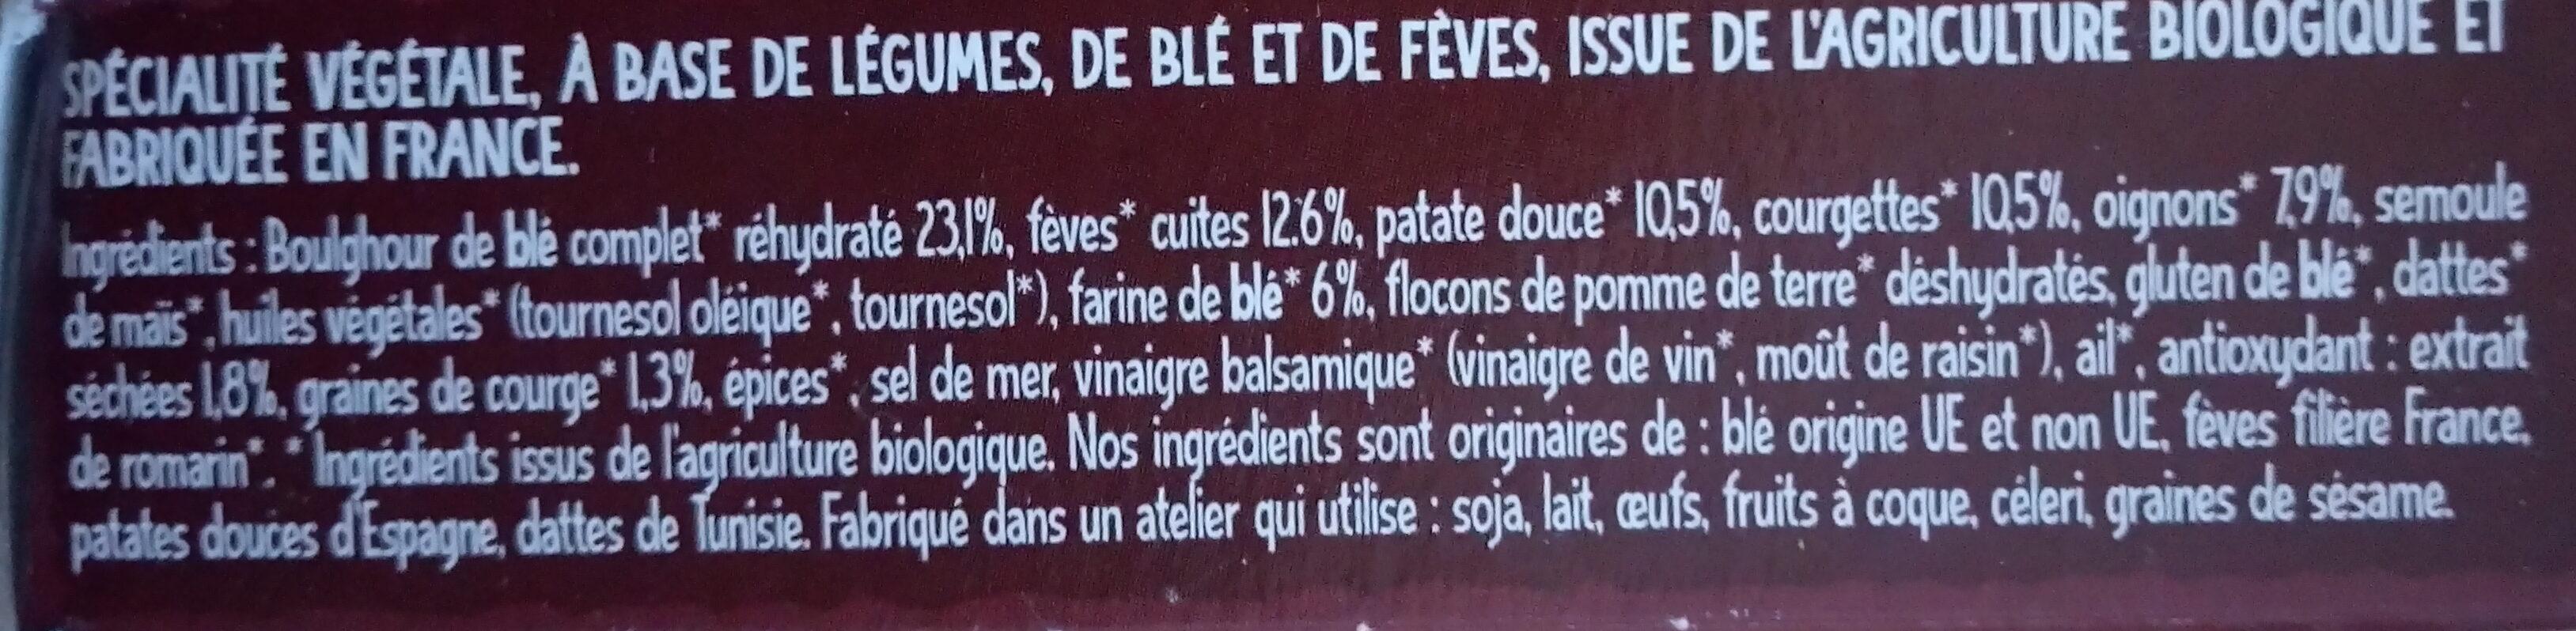 Galettes de fèves & blé patate douce, dattes et épices douces - Ingredienti - fr